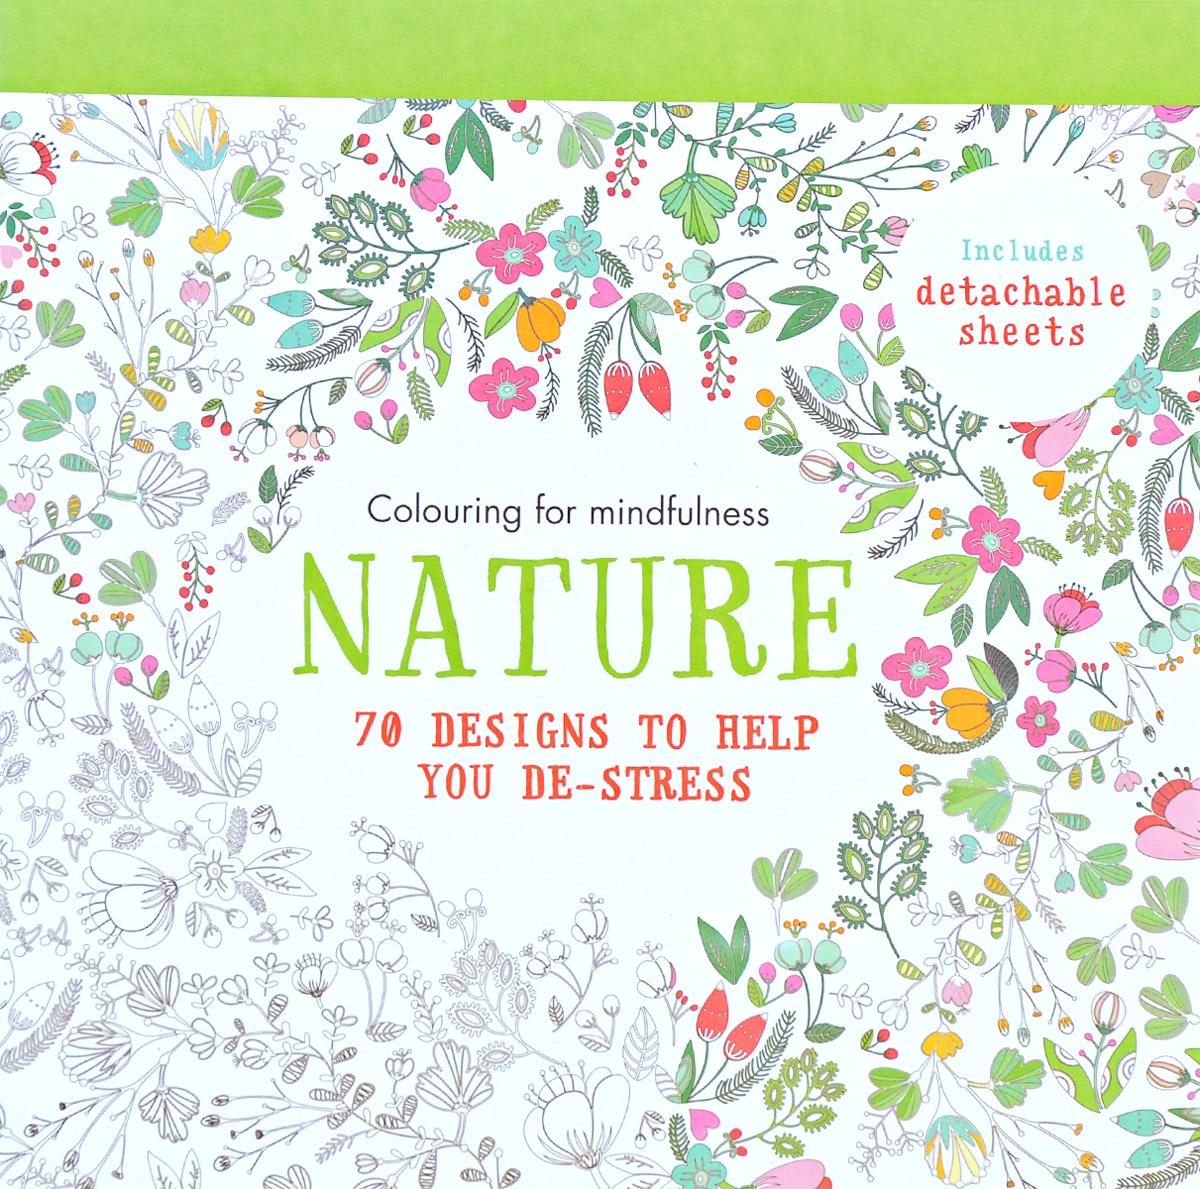 Nature: 70 Designs to Help You De-Stress: Colouring for Mindfulness su dorland exam stress no worries